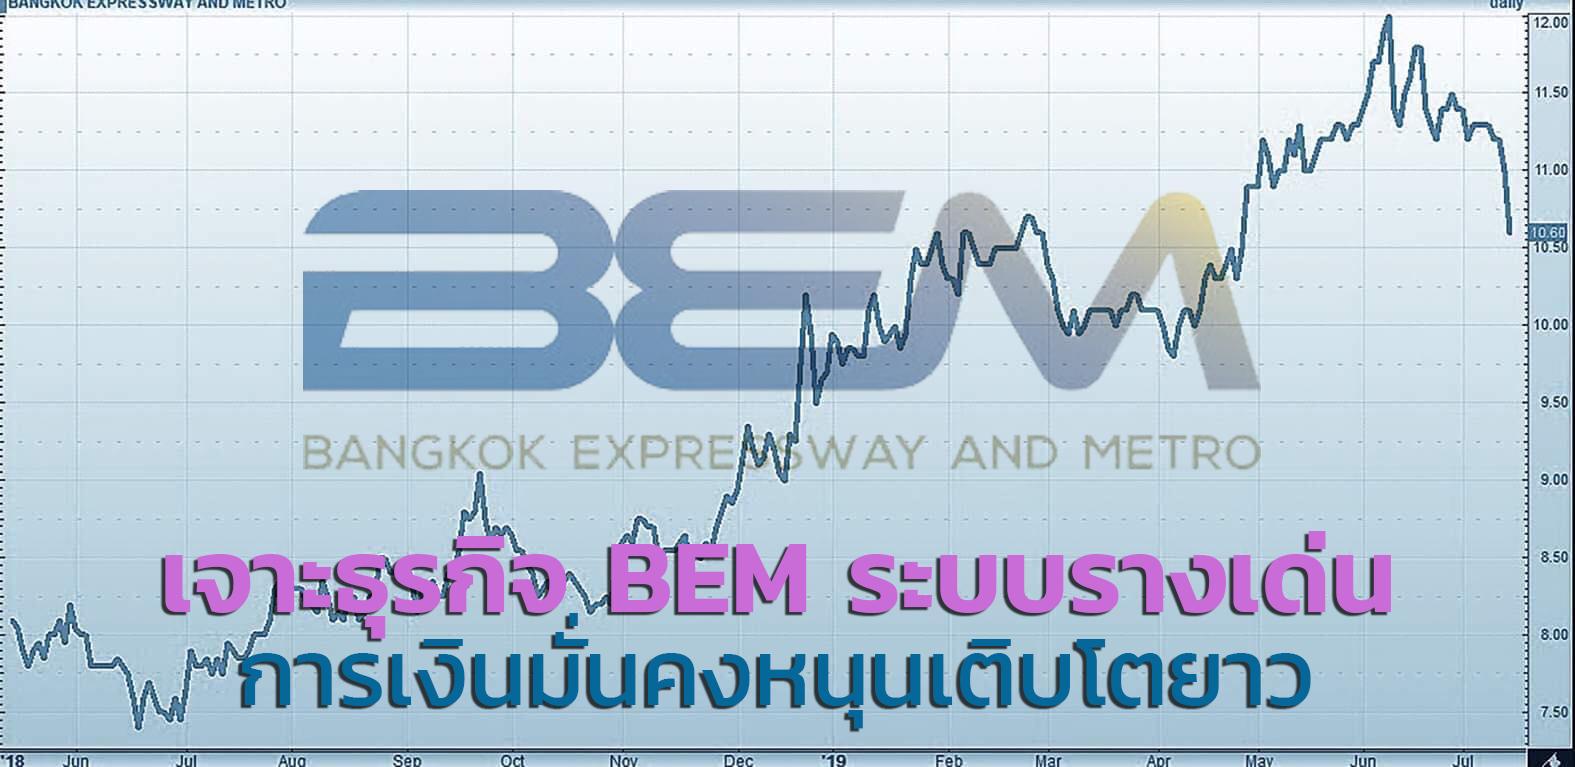 เจาะธุรกิจ BEM ระบบรางเด่น การเงินมั่นคงหนุนเติบโตยาว